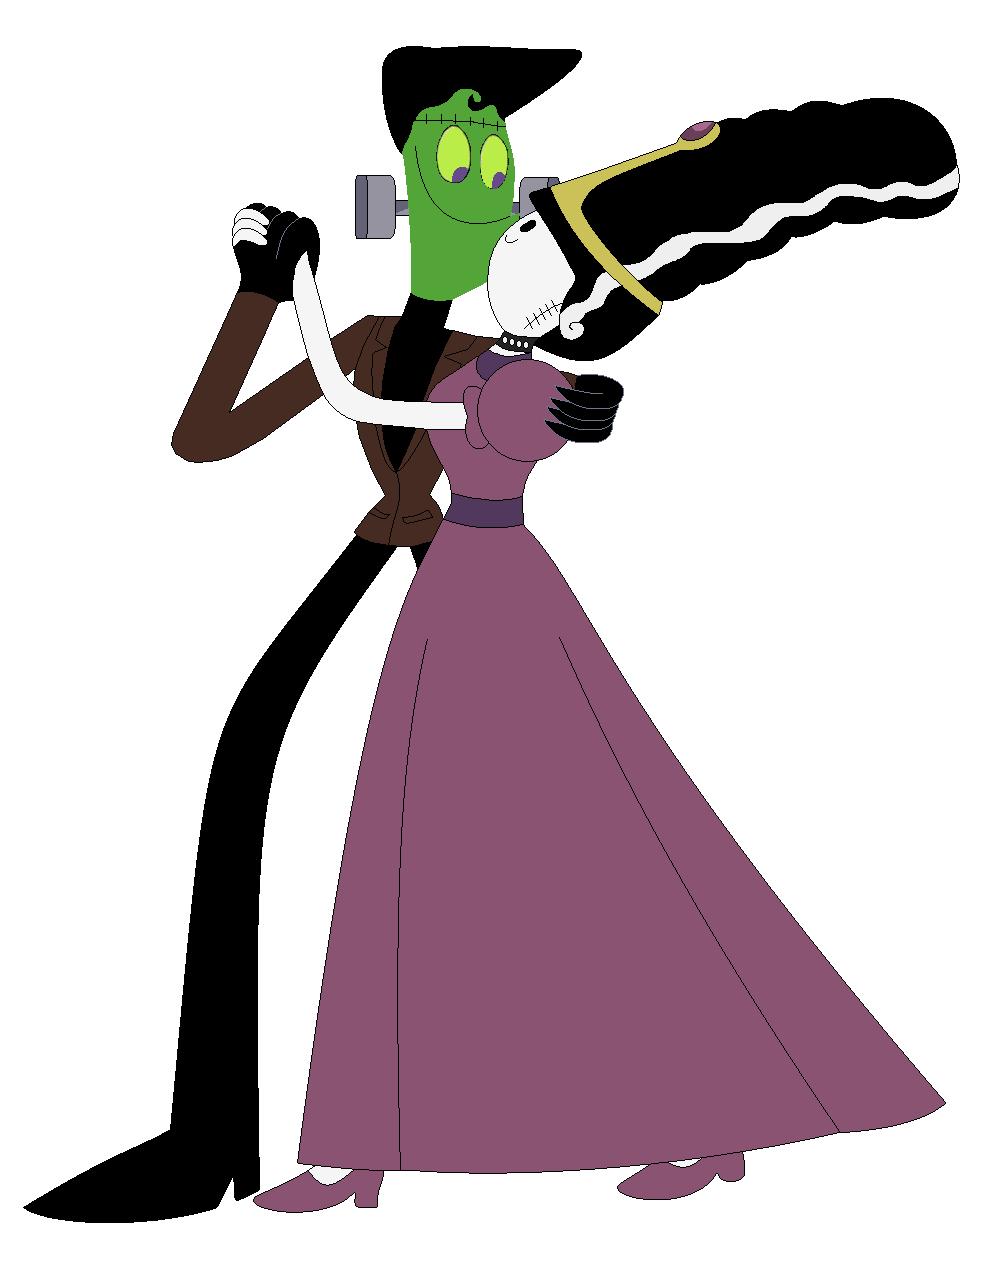 Nergal And Princess Bubblegum In Brides Of Frankenstein Cartoon